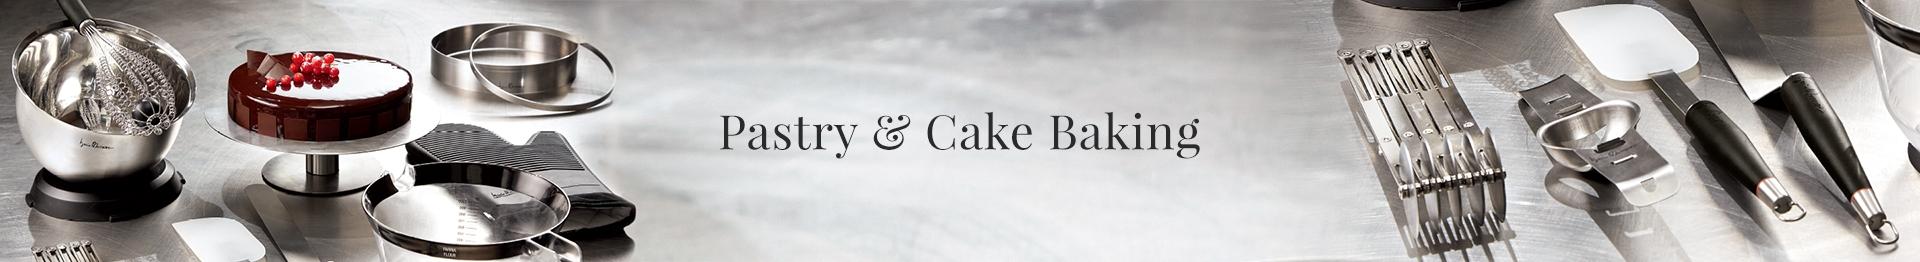 Pastry & Cake Baking